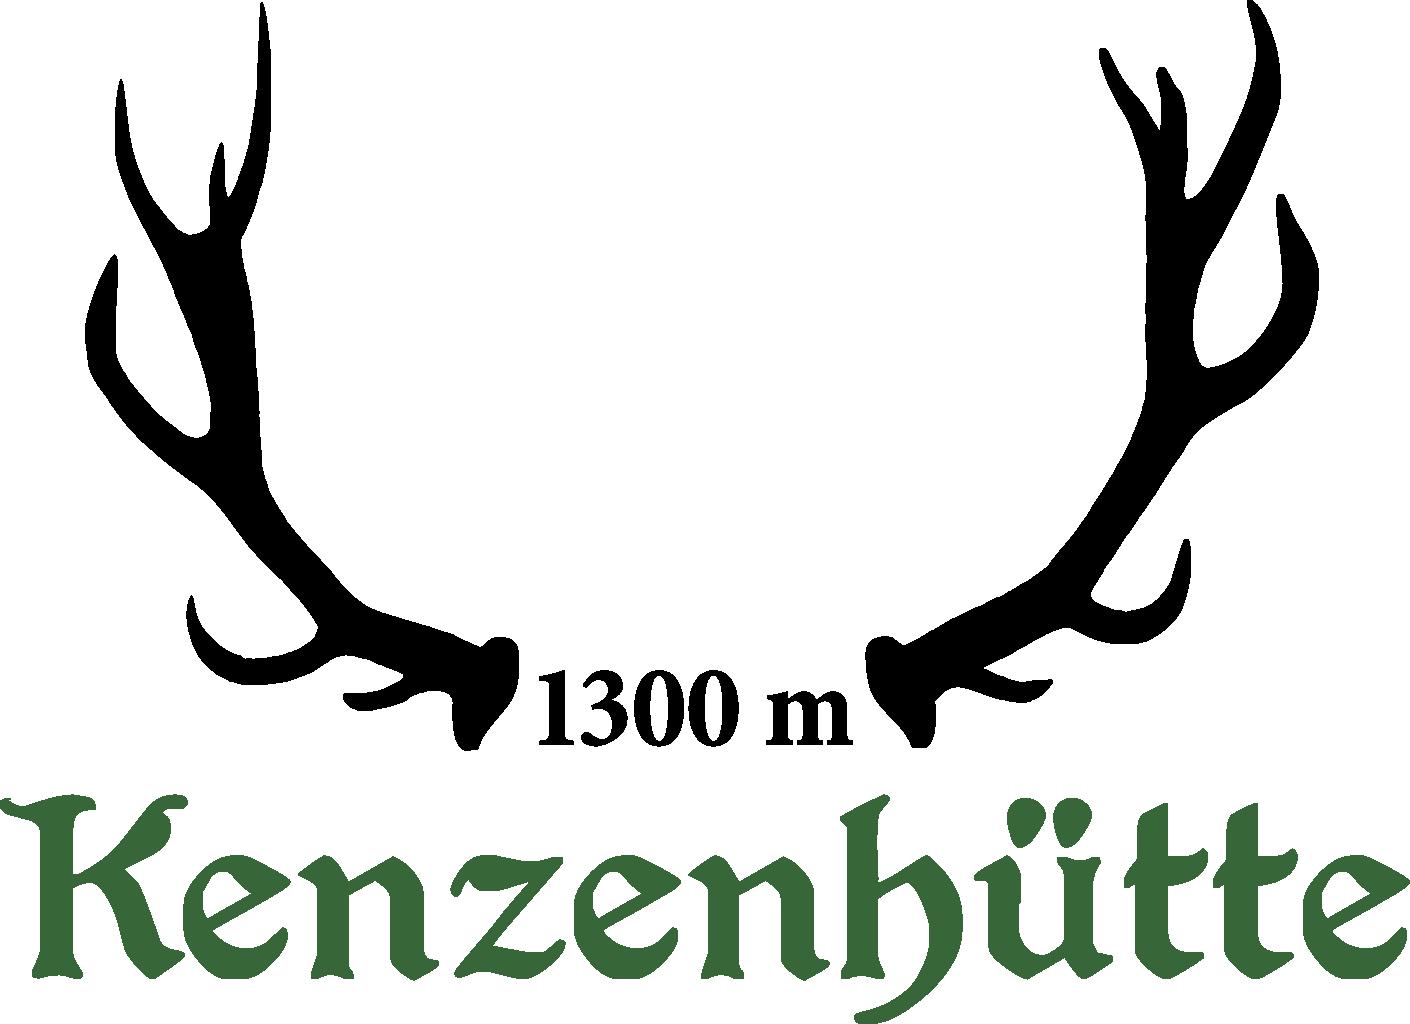 Kenzenhütte Allgäu